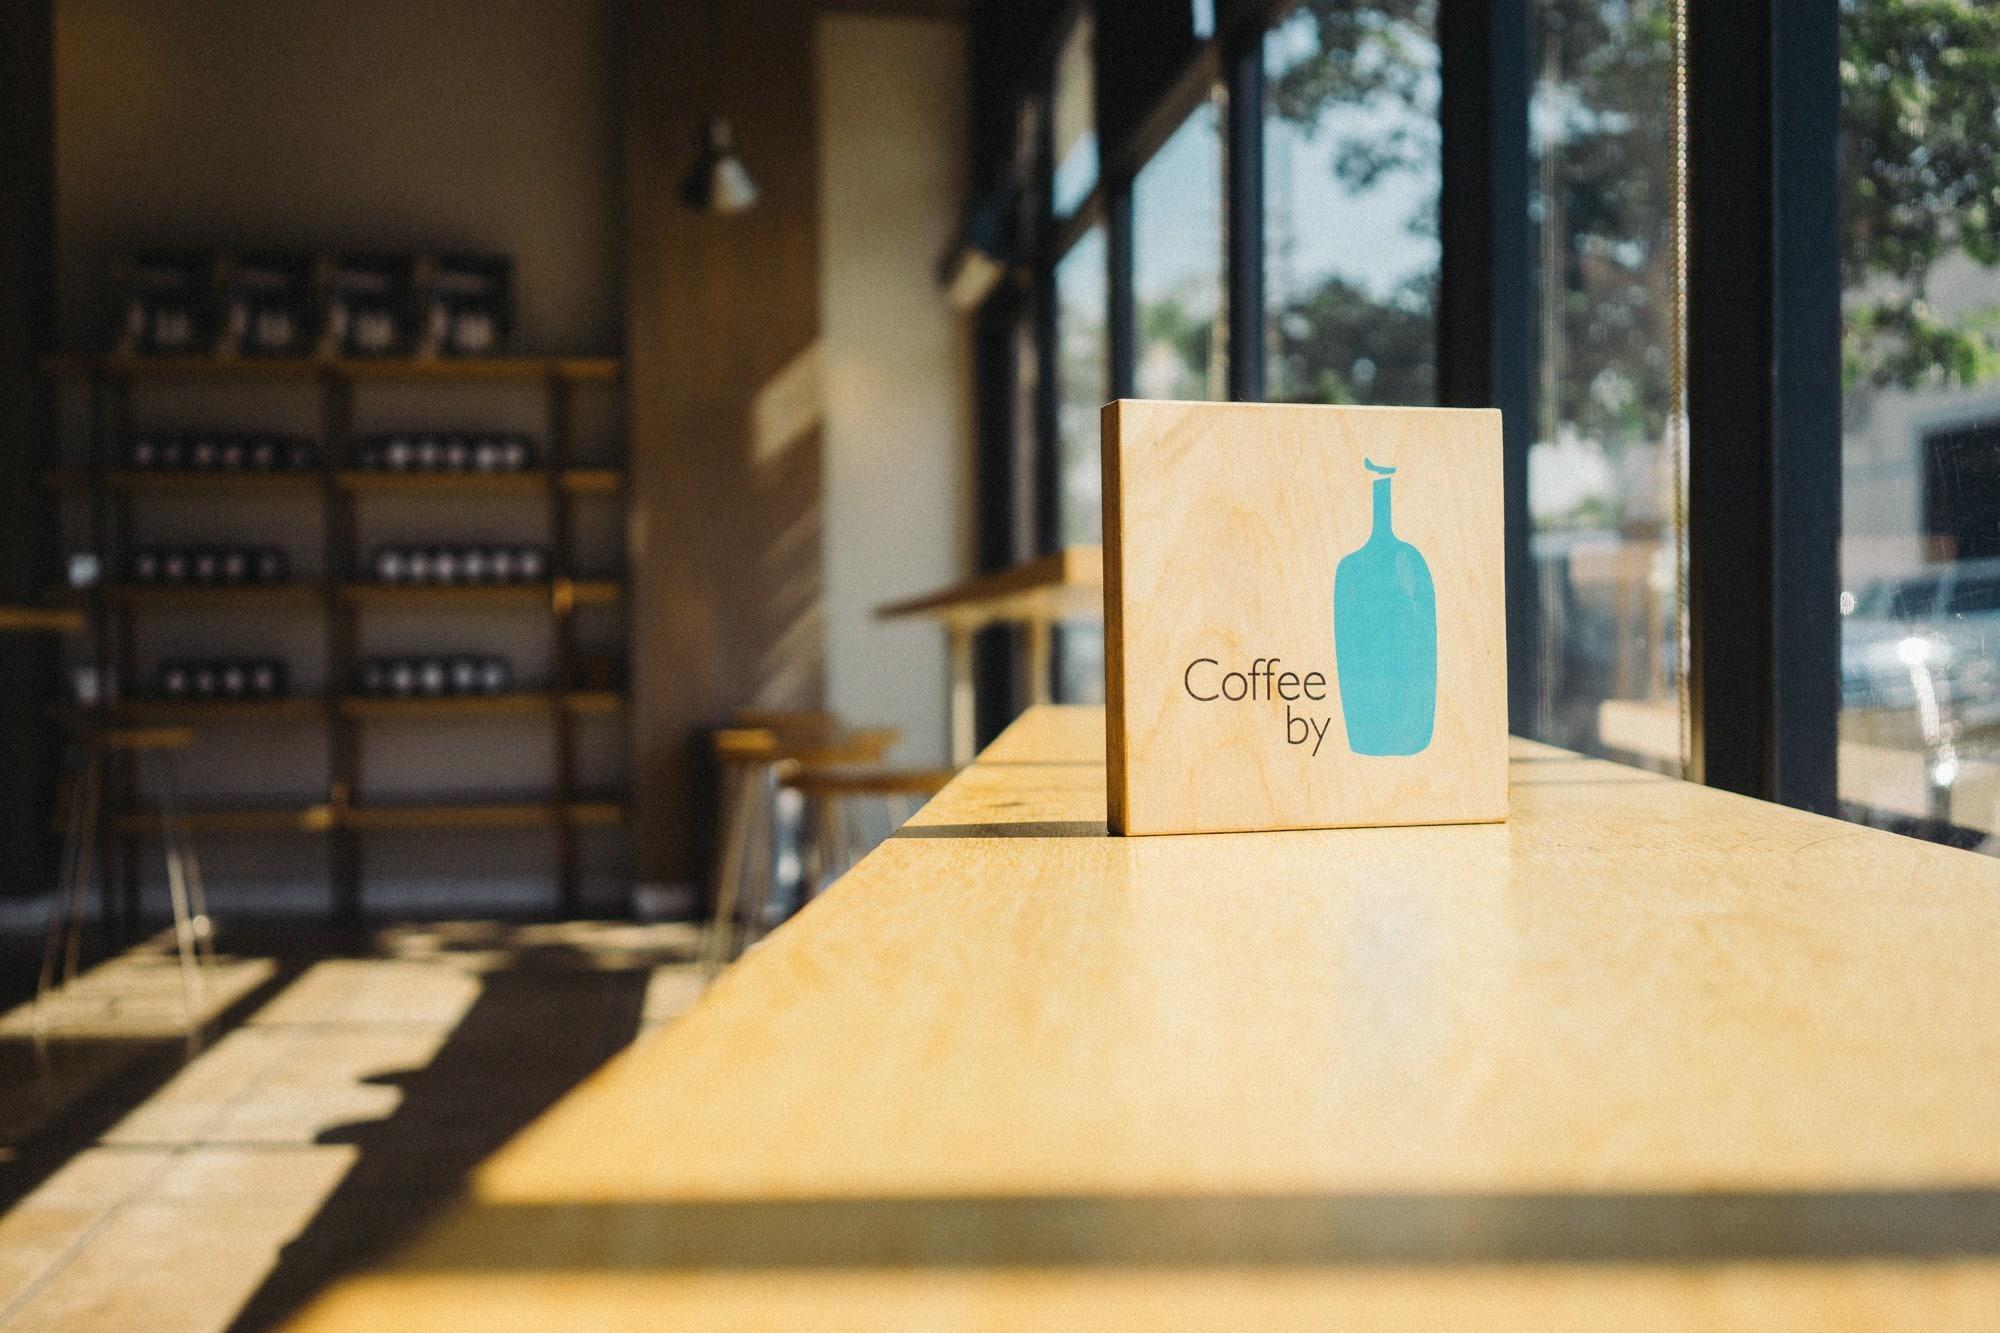 咖啡市場的藍色勢力正在崛起!! 品牌核心價值形塑企業特殊